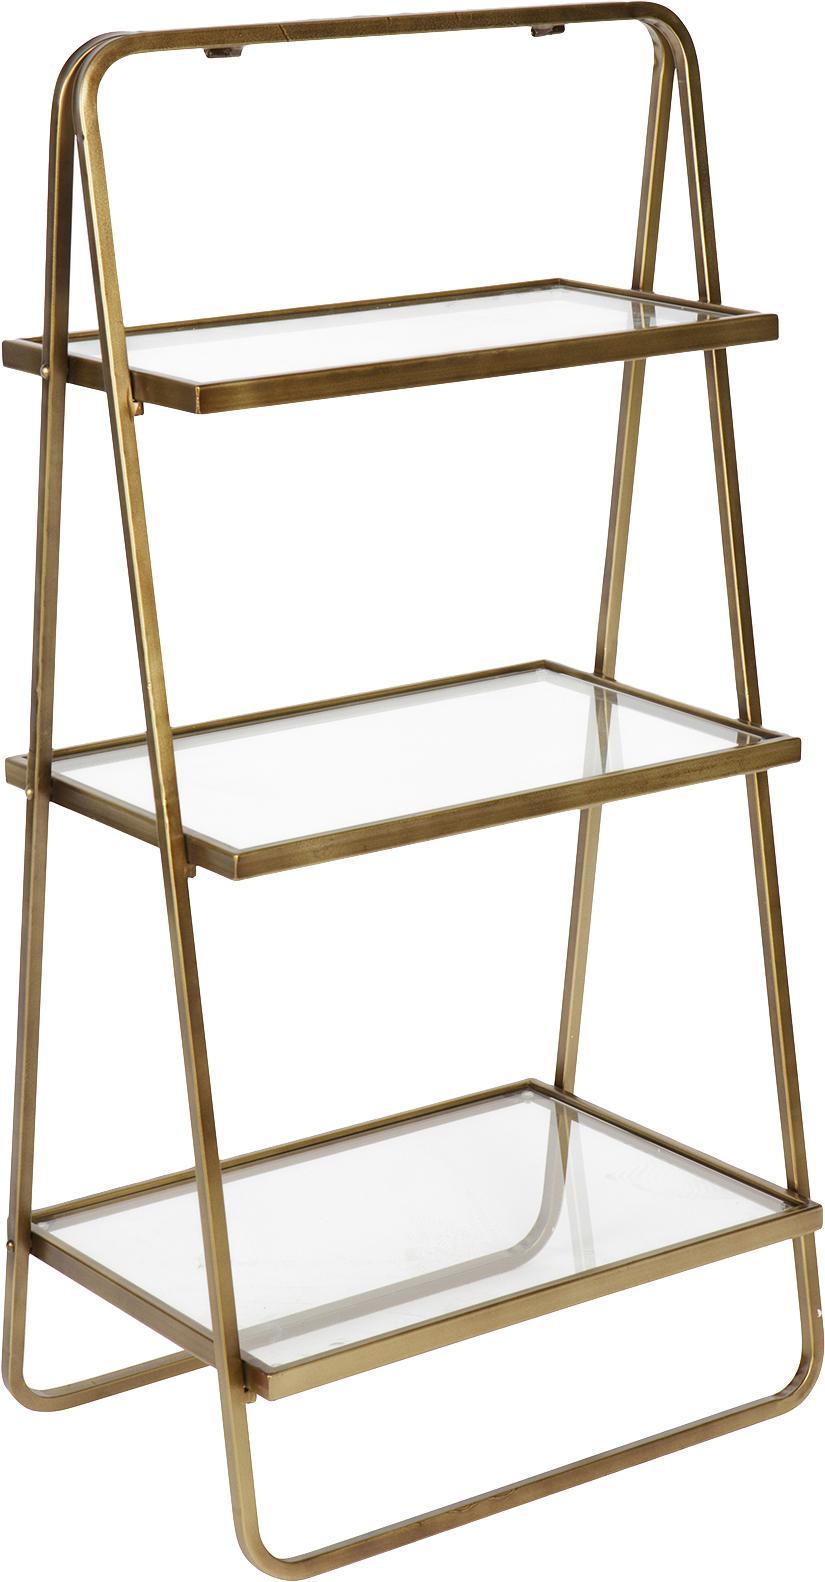 Libreria a scala in design vintage Goddess, Struttura: metallo ottonato, Ripiani: vetro, Ottone finitura antica, Larg. 58 x Alt. 106 cm